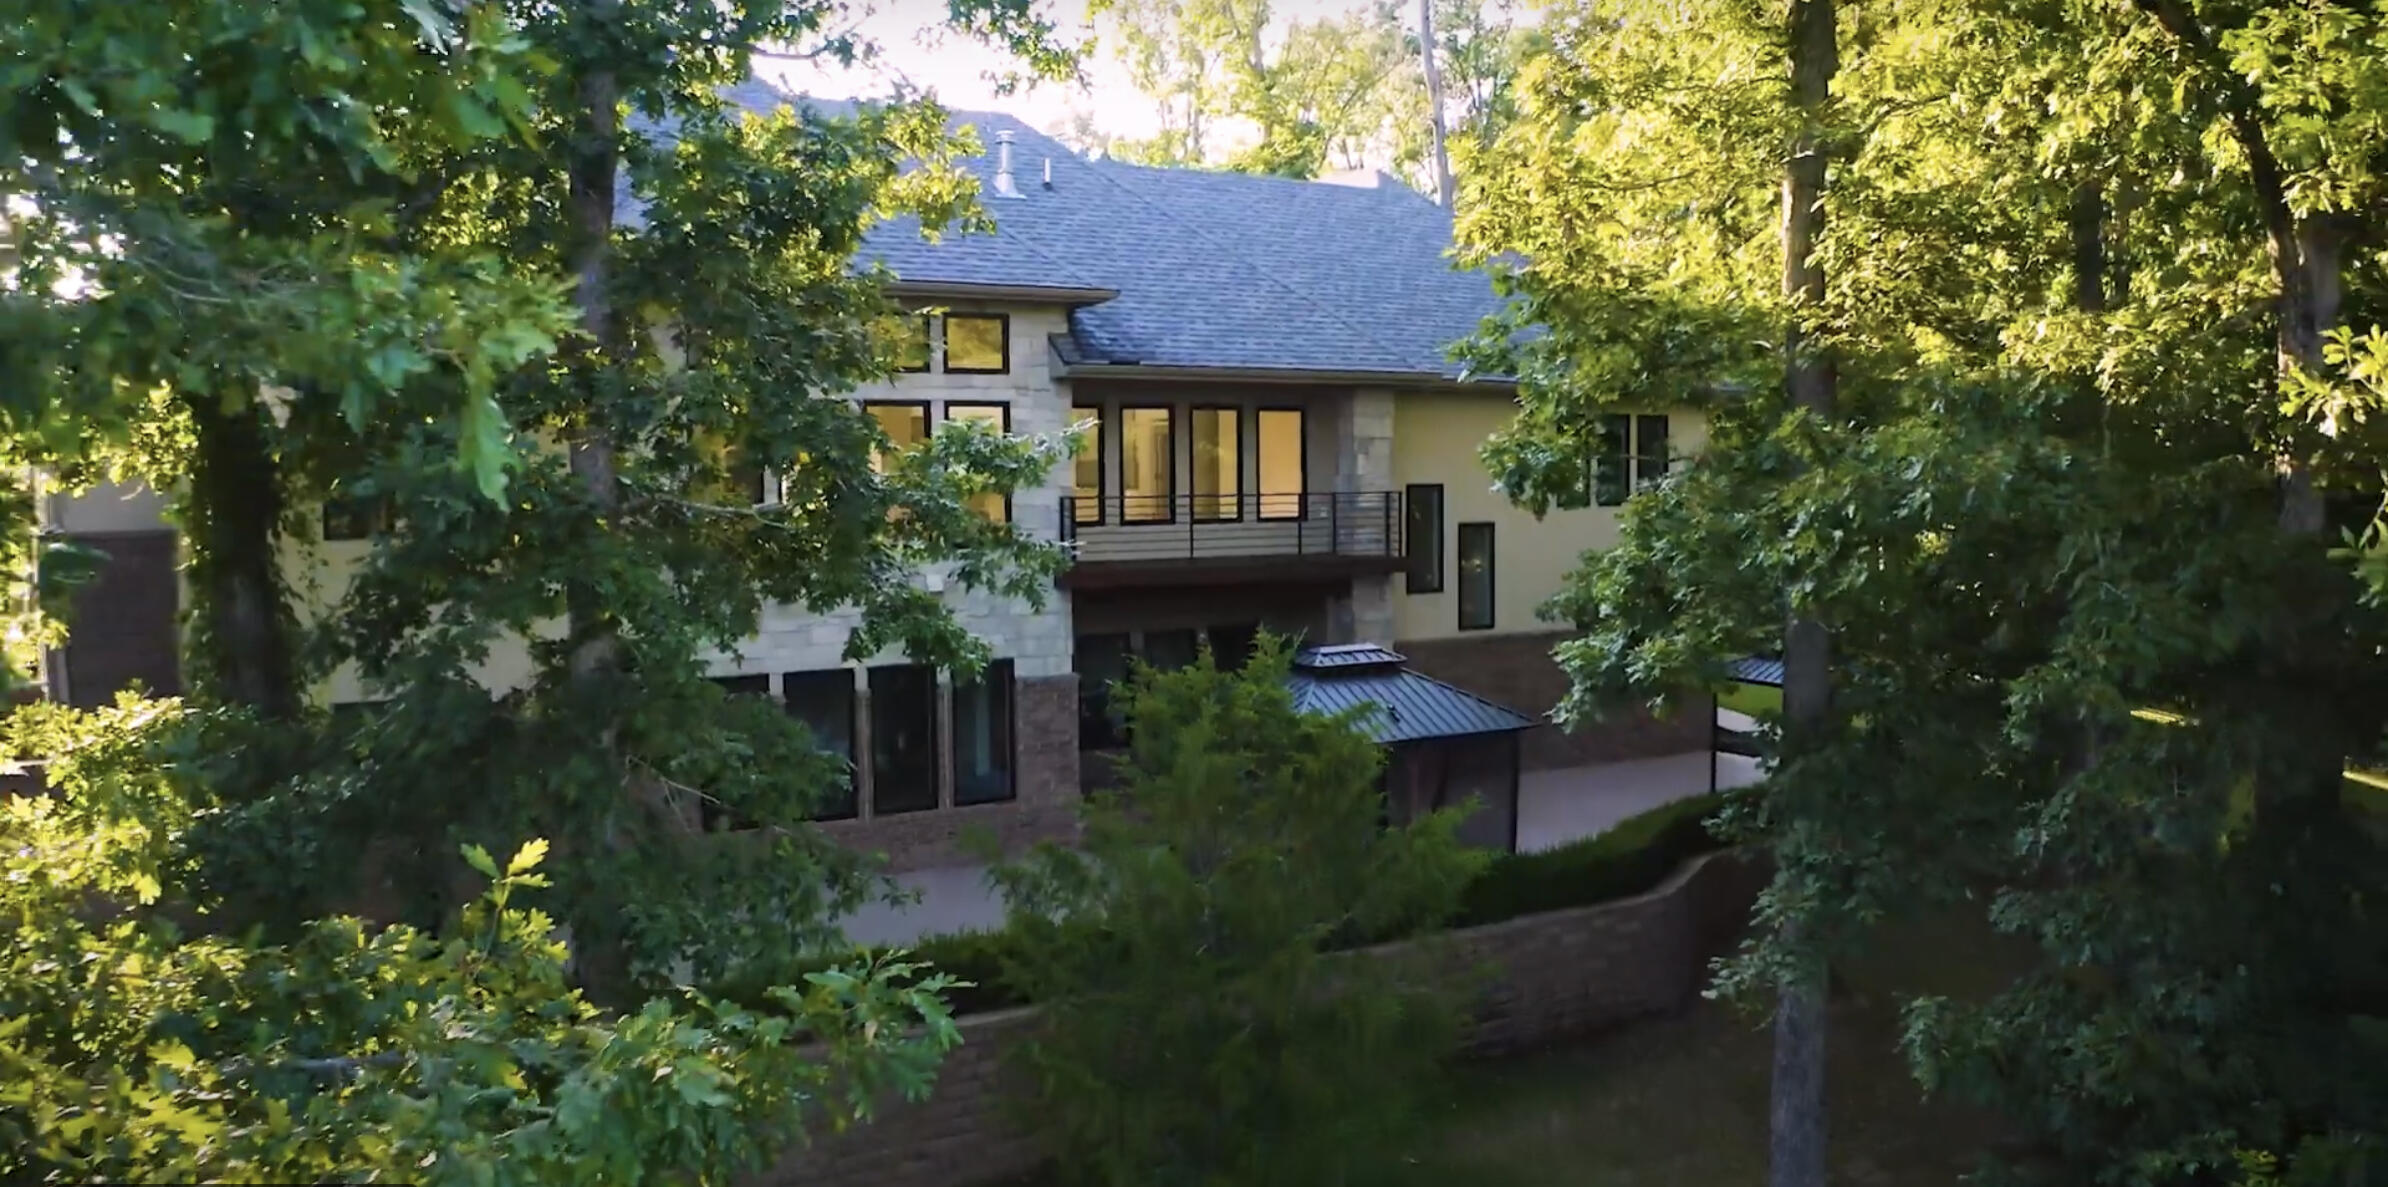 403 West Everwood Way Nixa, MO 65714